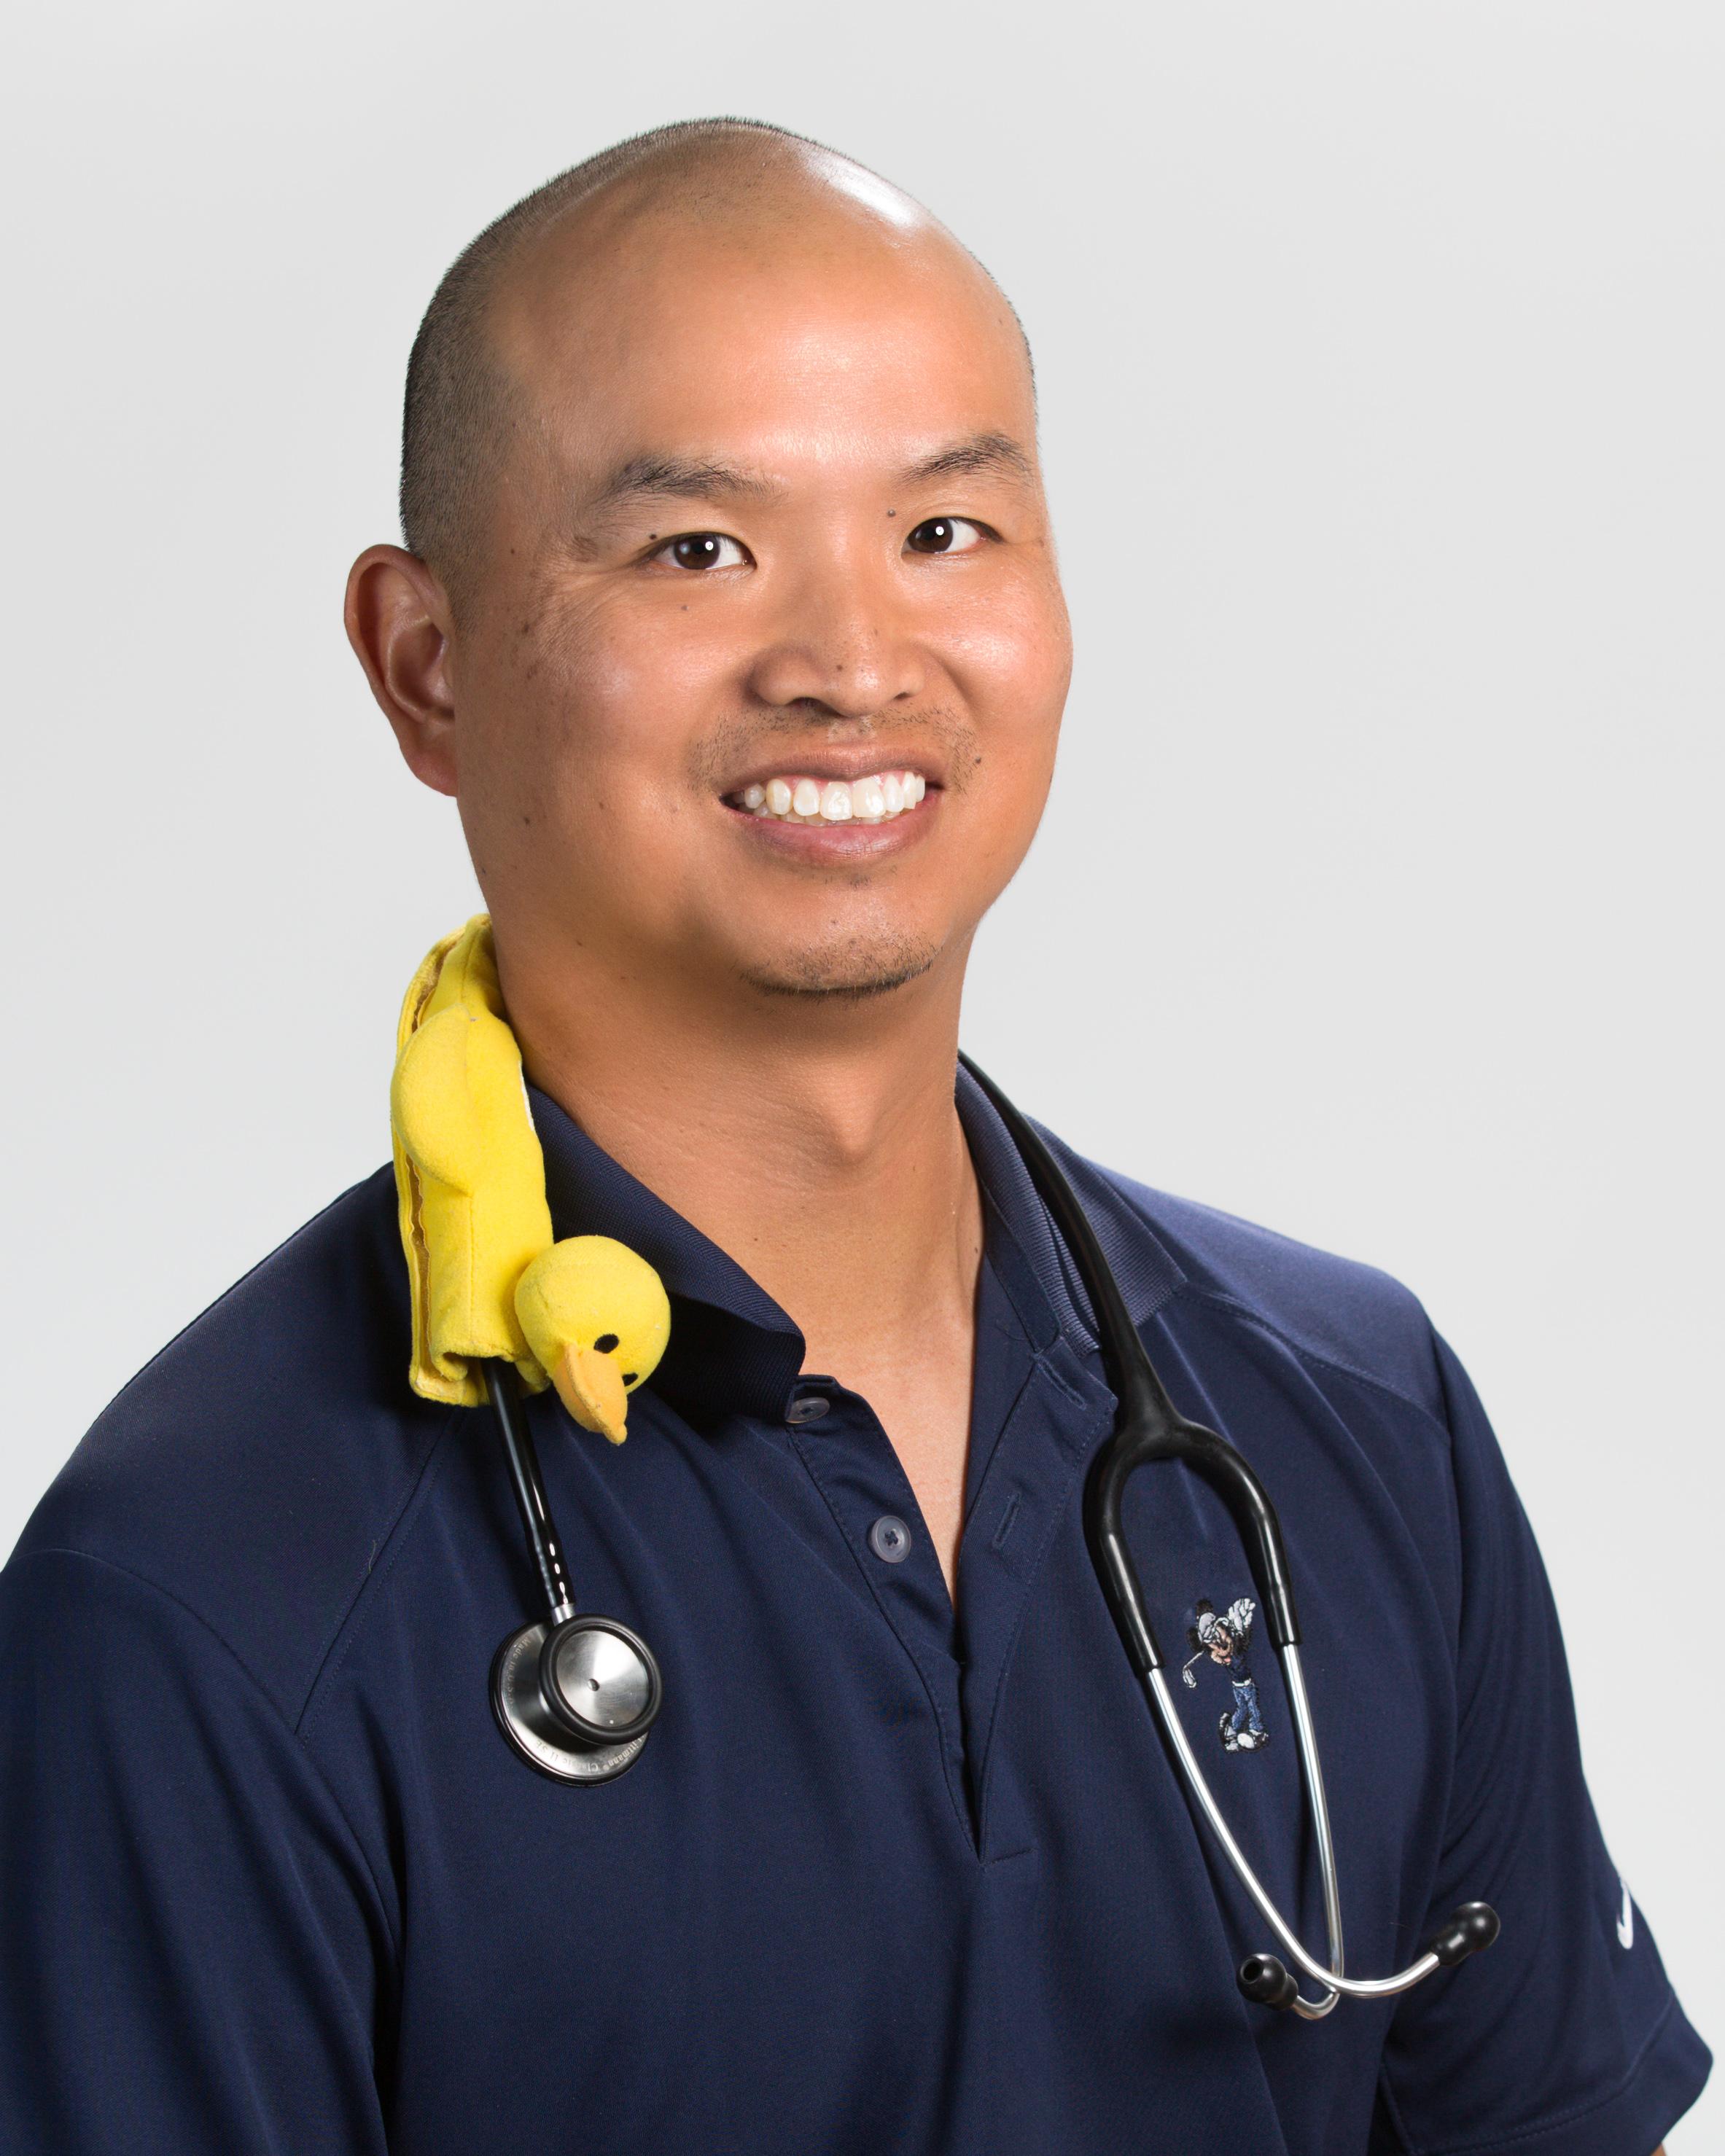 Meet Dr. Yen